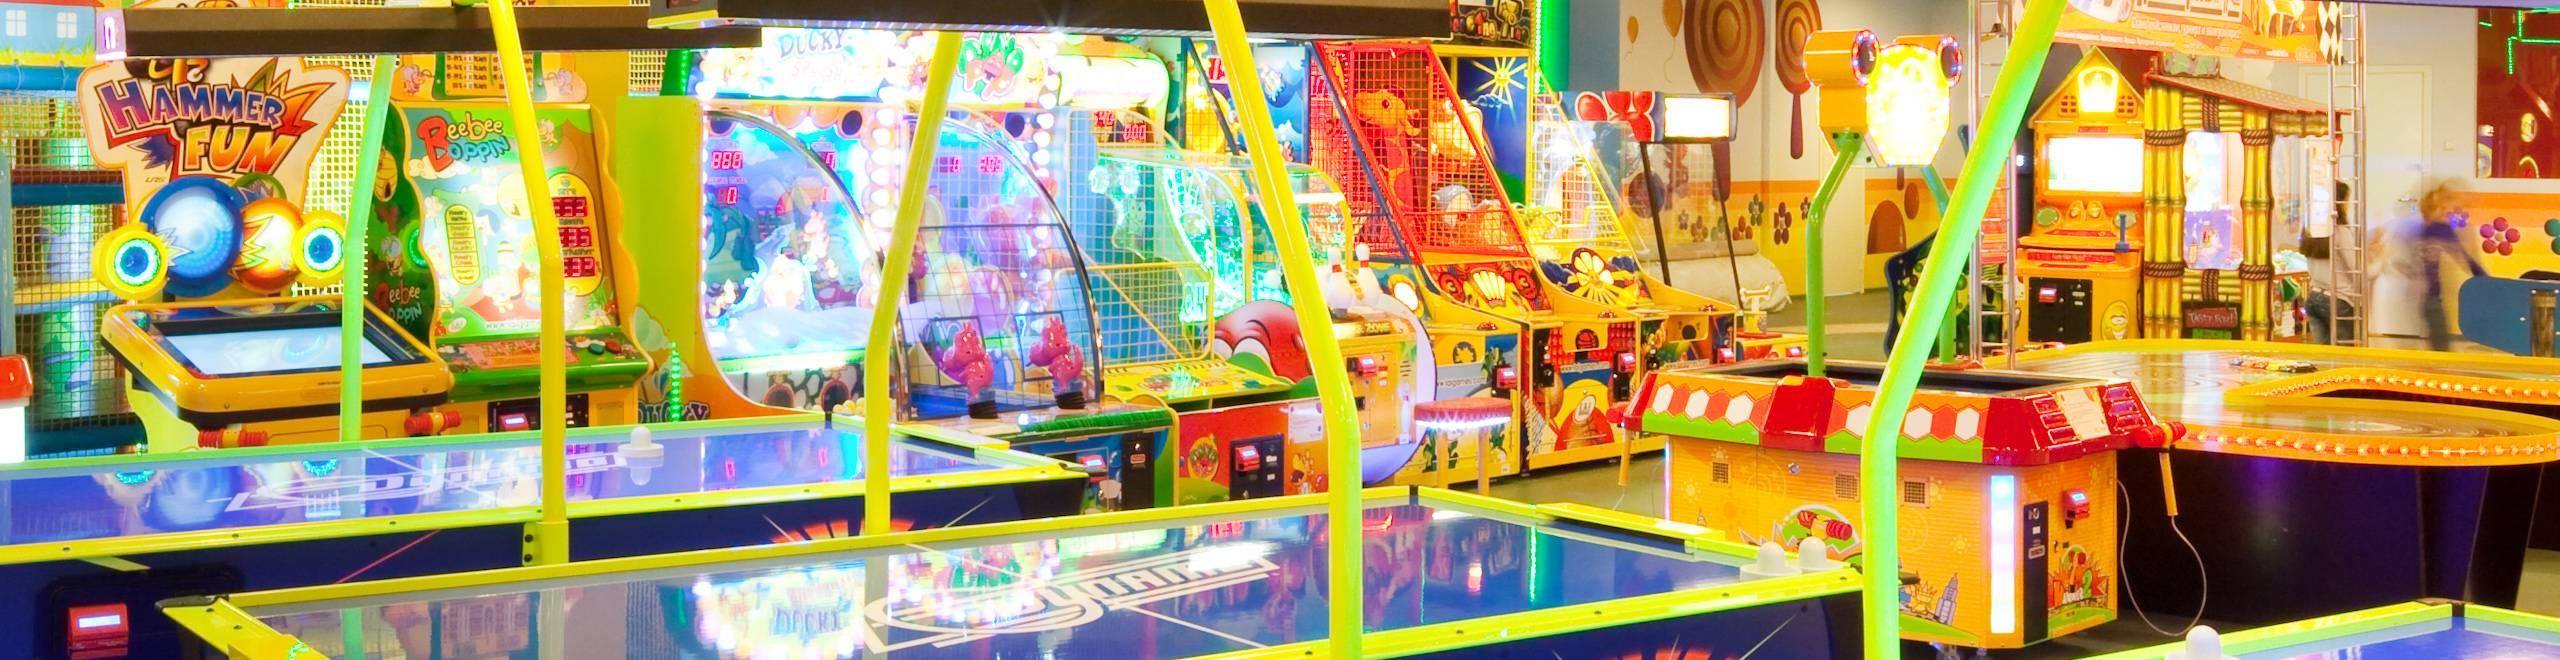 Игровые автоматы в люблино оригинальные игровые автоматы